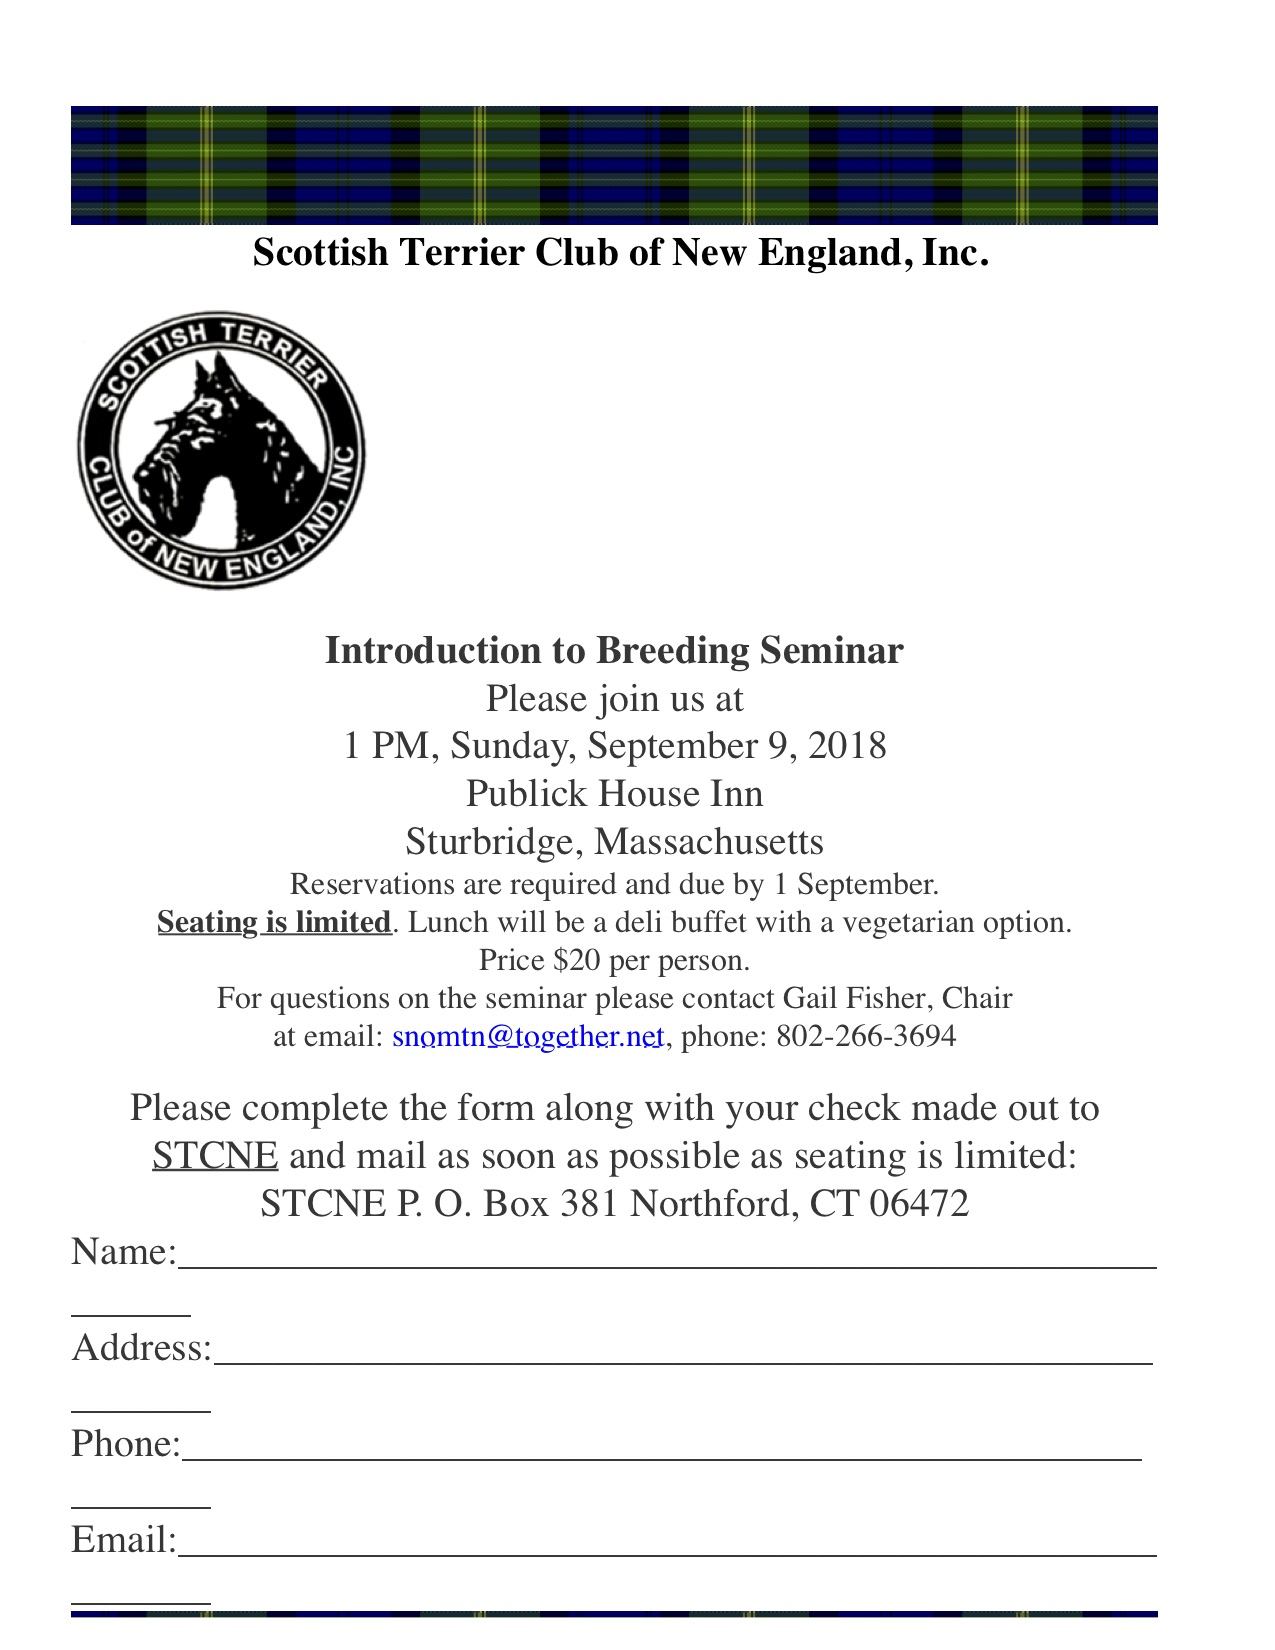 2018 Breeder Seminar jpg.jpg